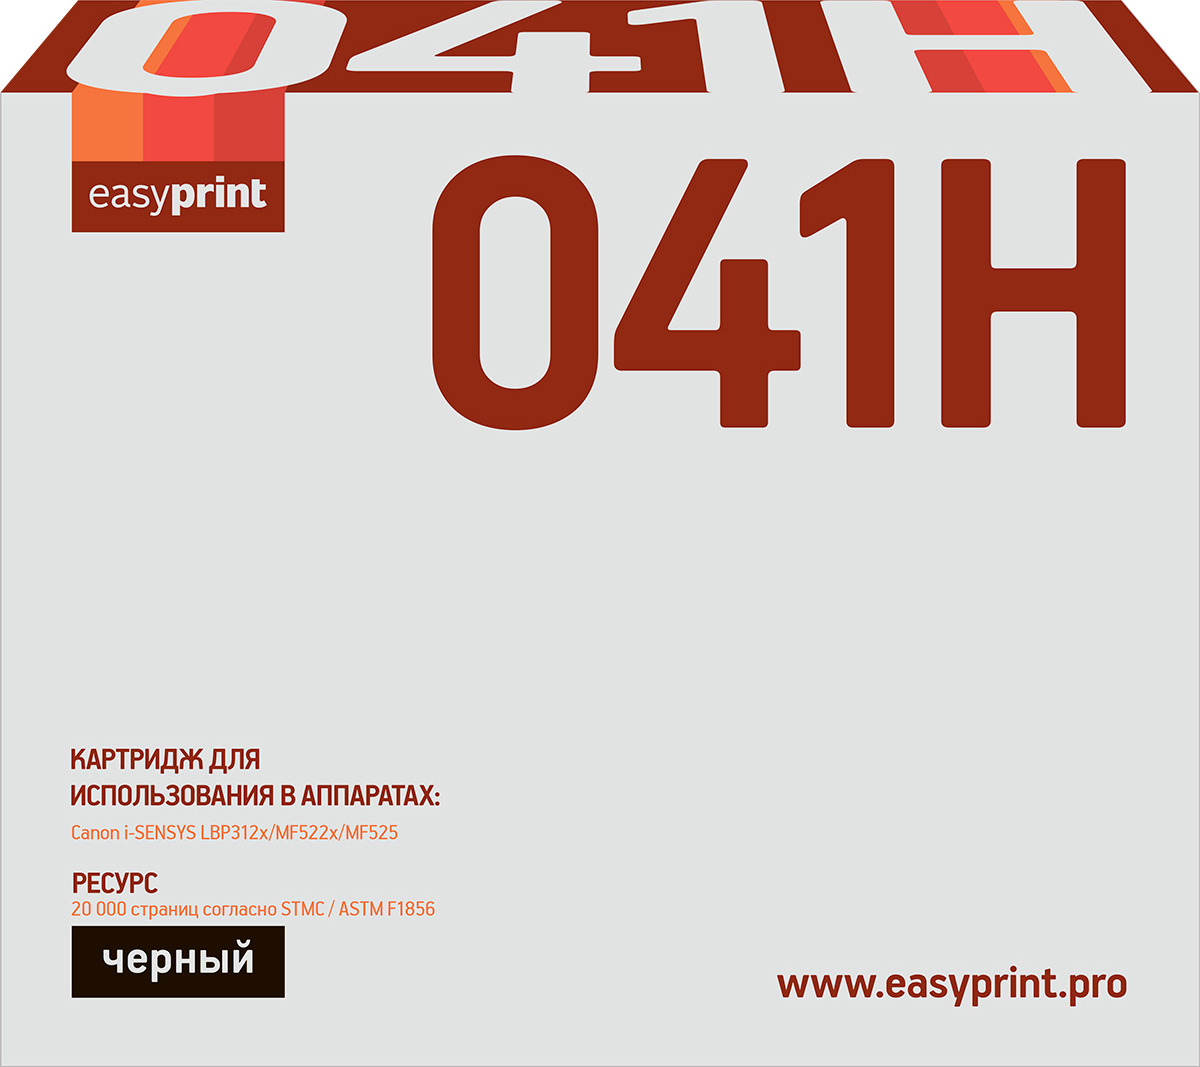 Картридж EasyPrint LC-041H, черный, для лазерного принтера